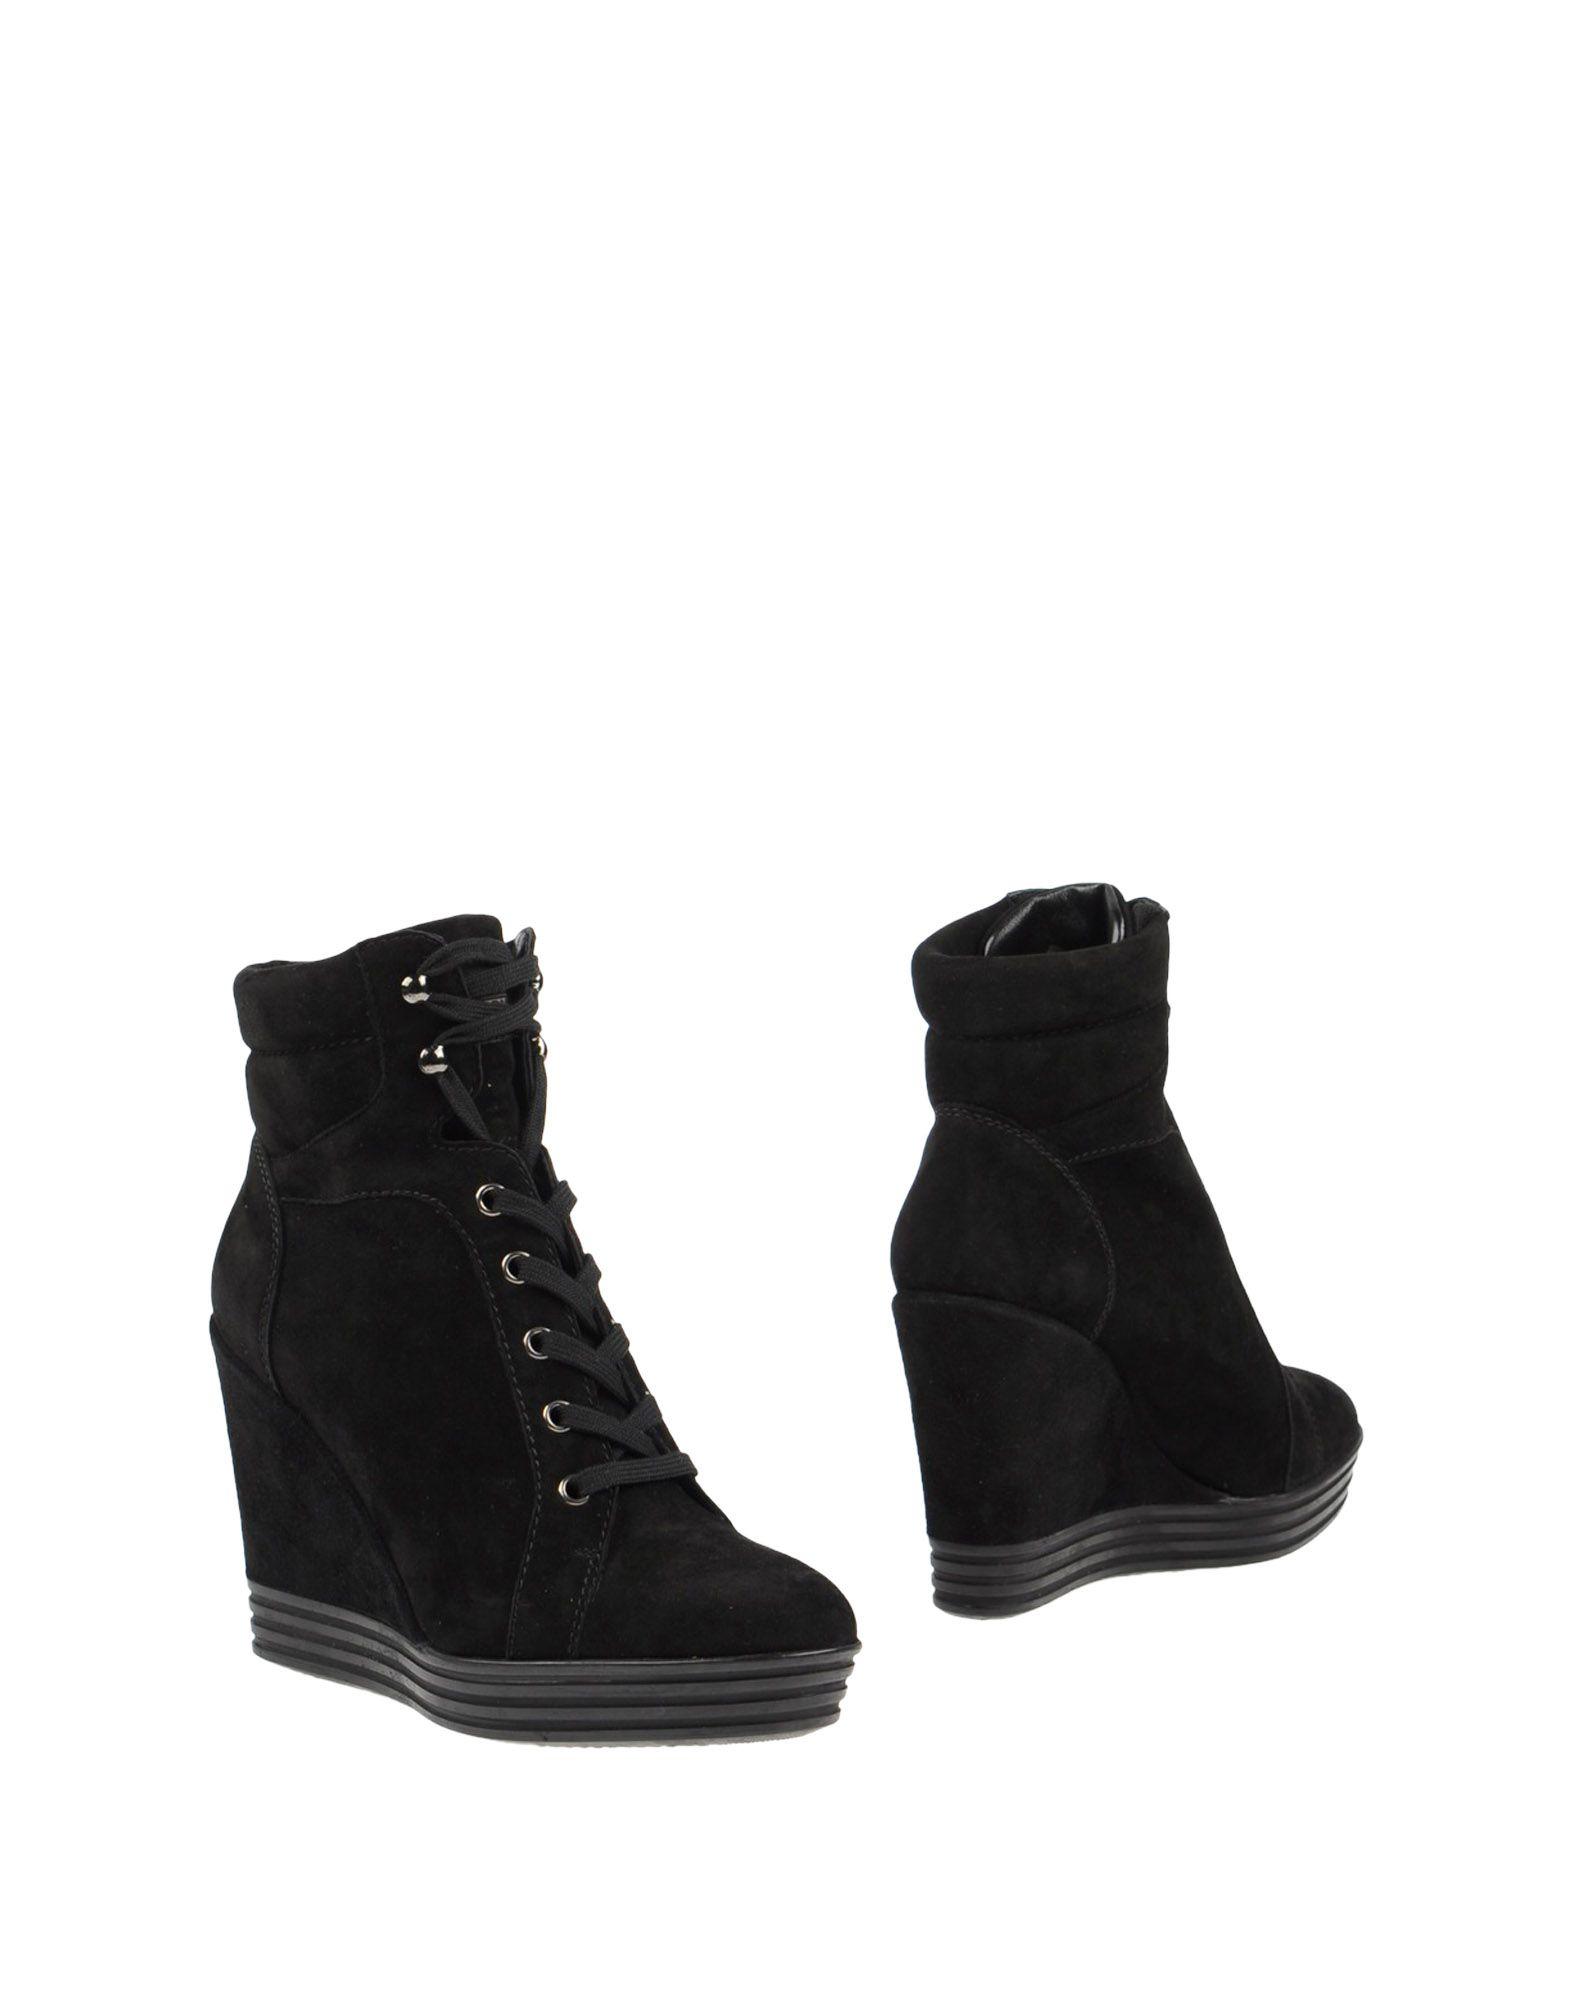 Rabatt Schuhe Hogan Rebel Stiefelette Damen  11038646OI